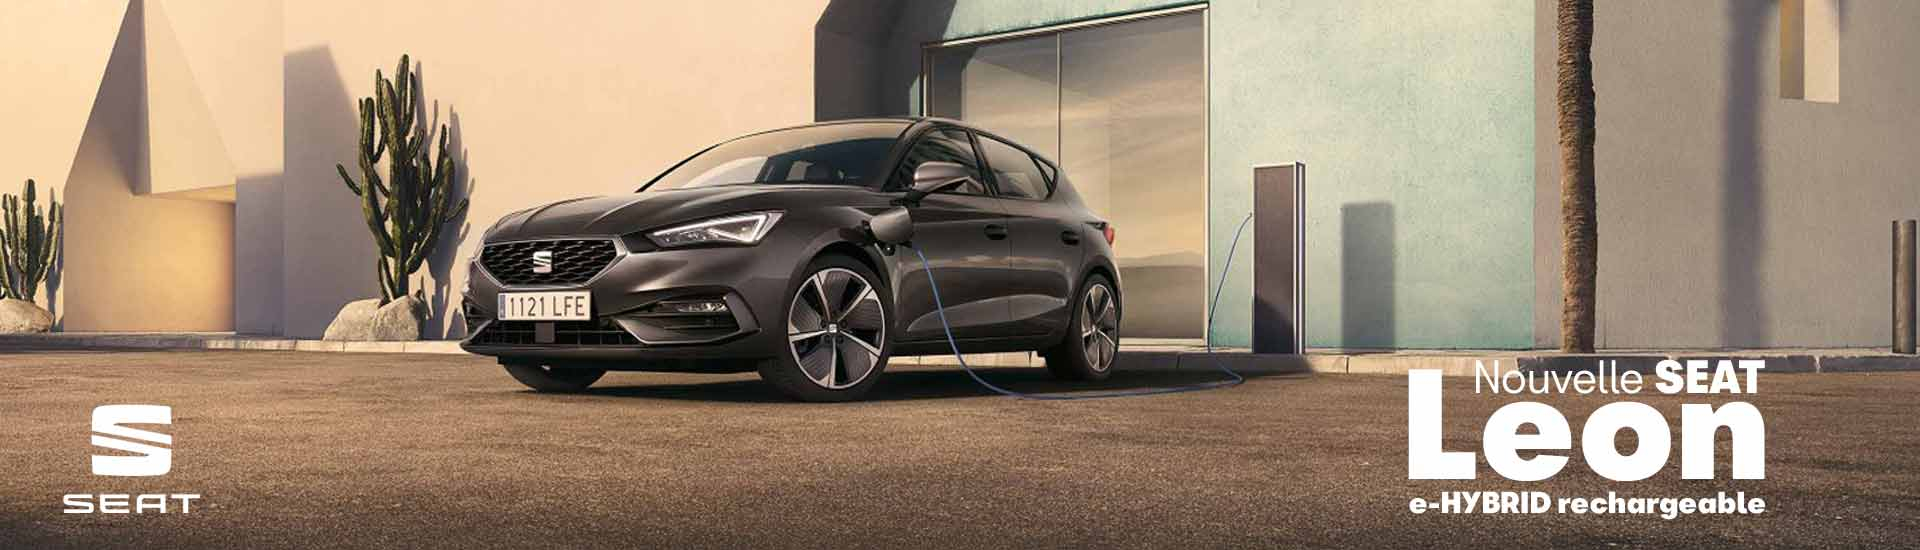 Nouvelle Seat Leon e-HYBRID rechargeable